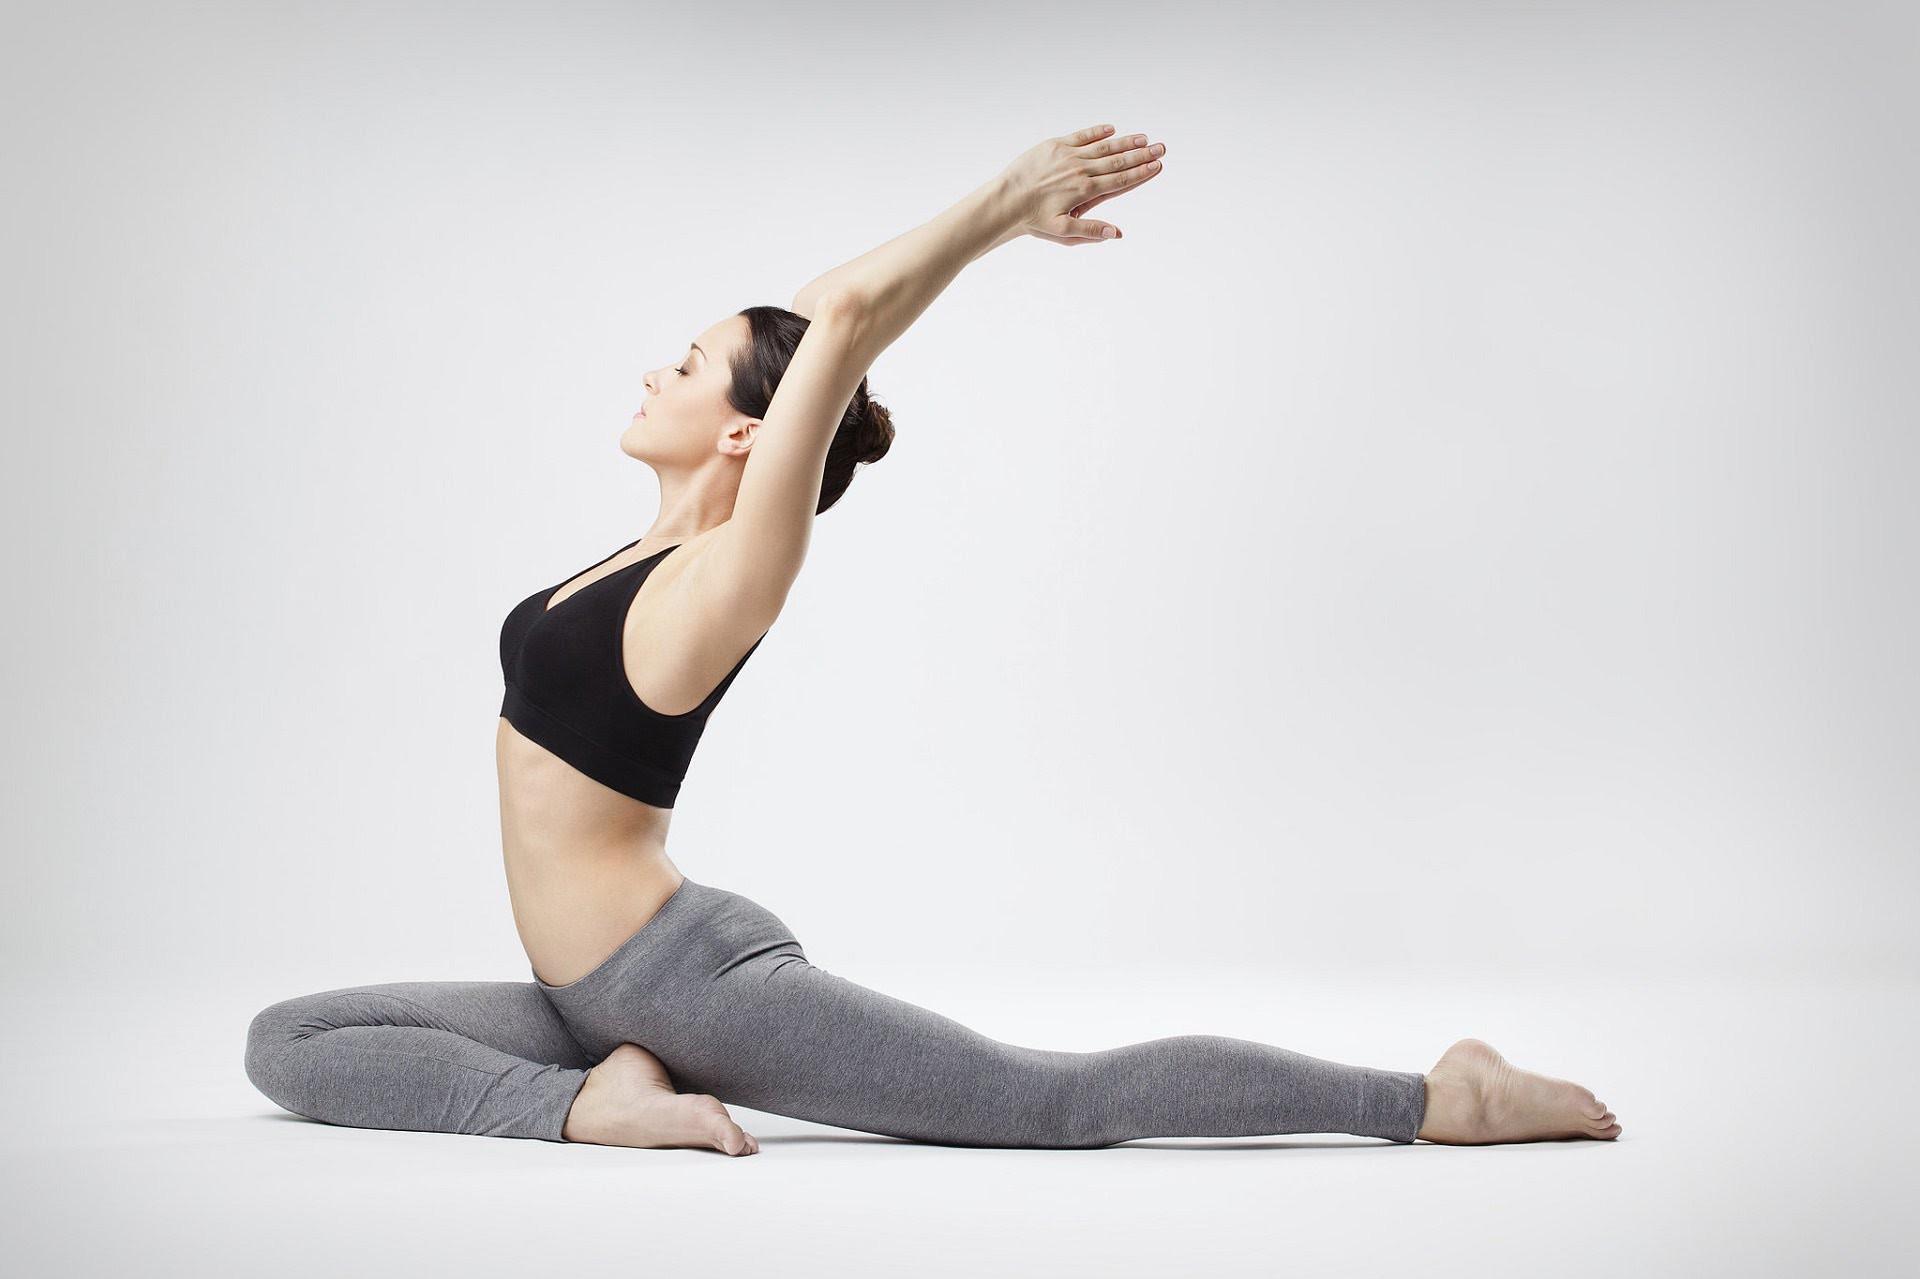 Huấn luyện viên thể hình mách bạn cách đối phó với những cơn đau cơ trong quá trình tập luyện - Ảnh 3.